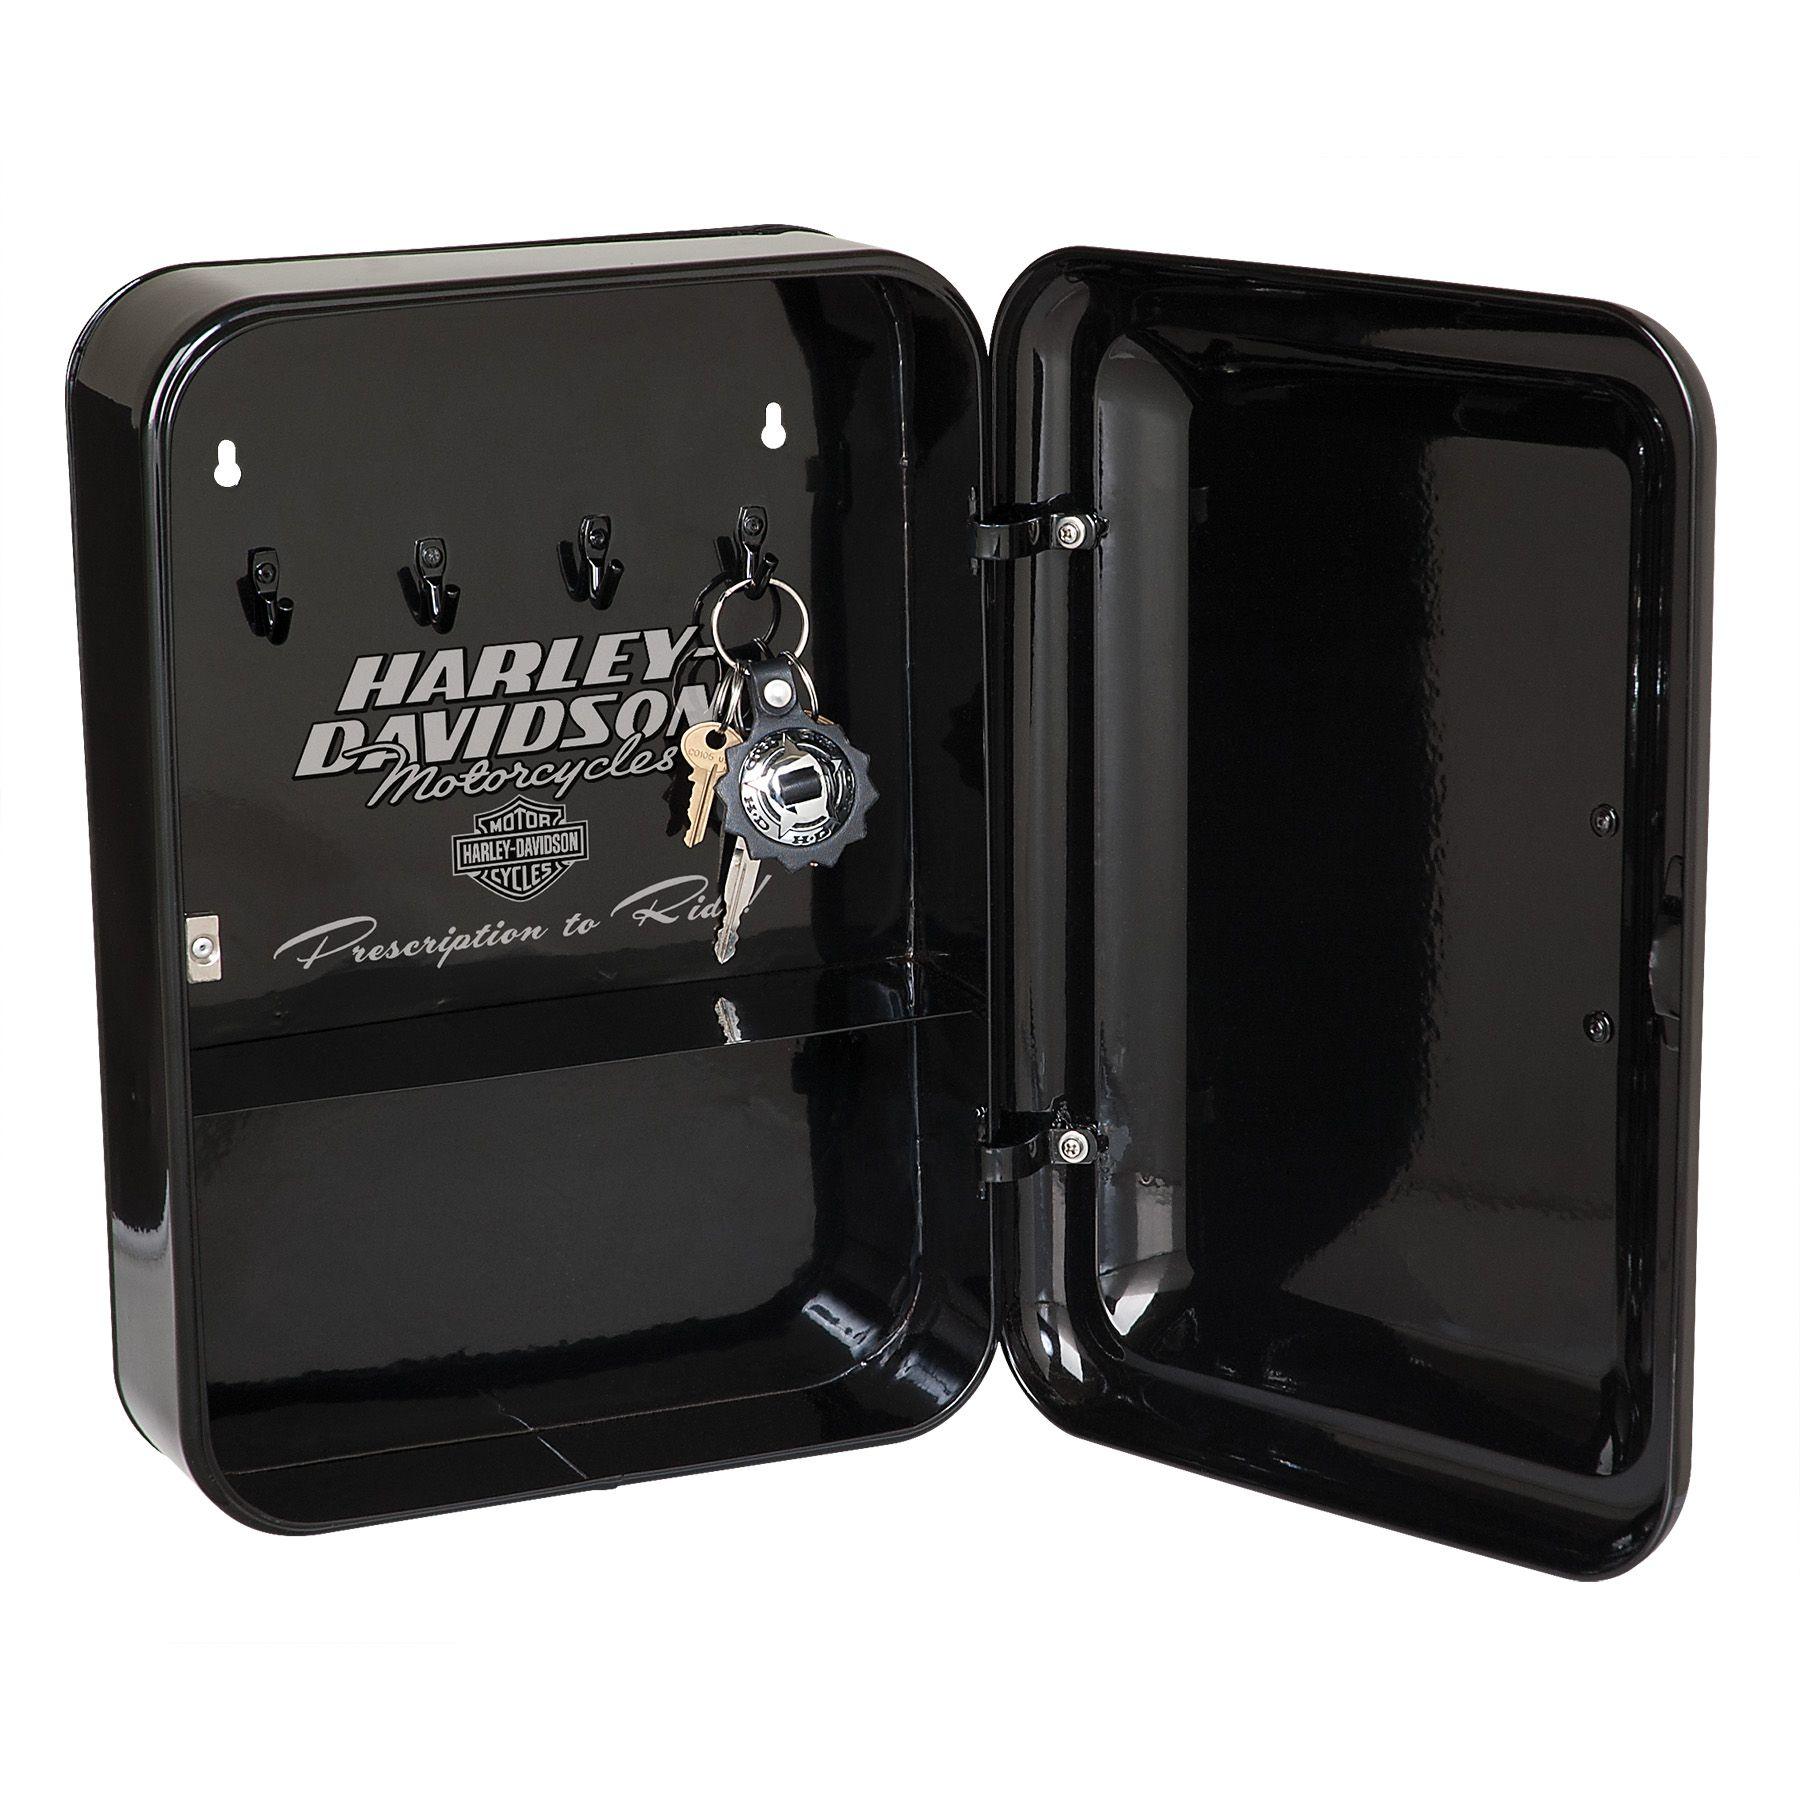 Harley Davidson Biker First Aid Key Cabinet Hdl 15104 Key